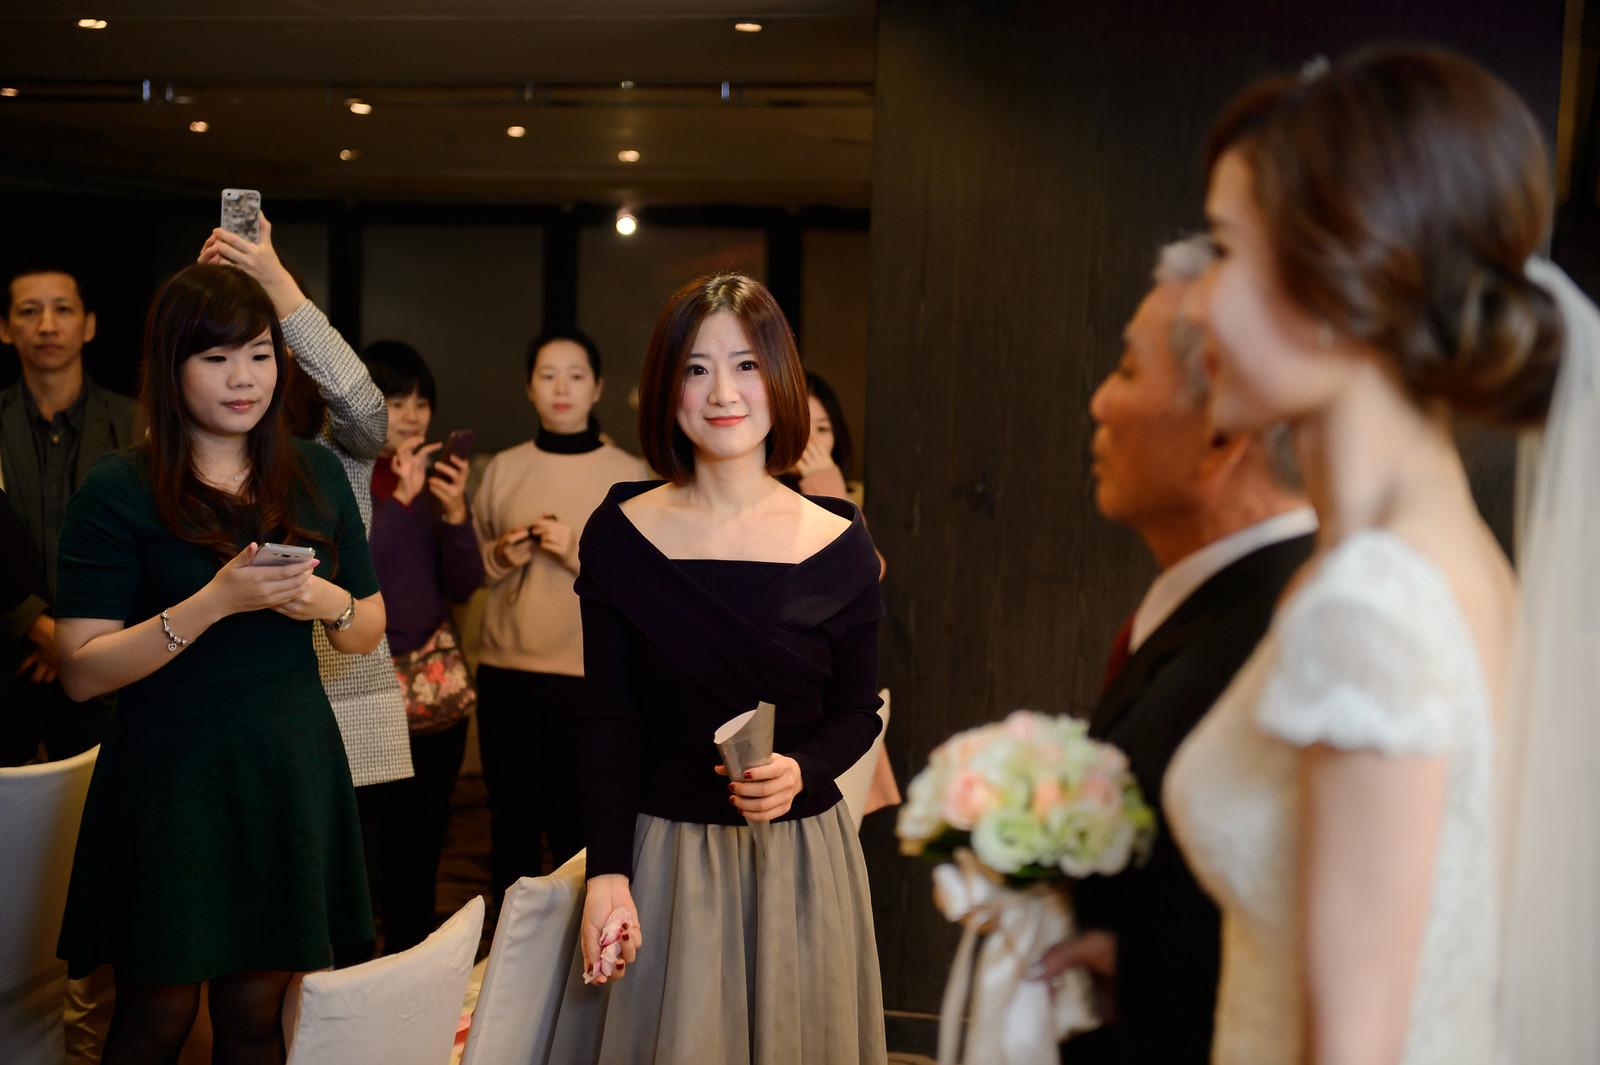 台北婚攝, 婚禮攝影, 婚攝, 婚攝守恆, 婚攝推薦, 晶華酒店, 晶華酒店婚宴, 晶華酒店婚攝-29